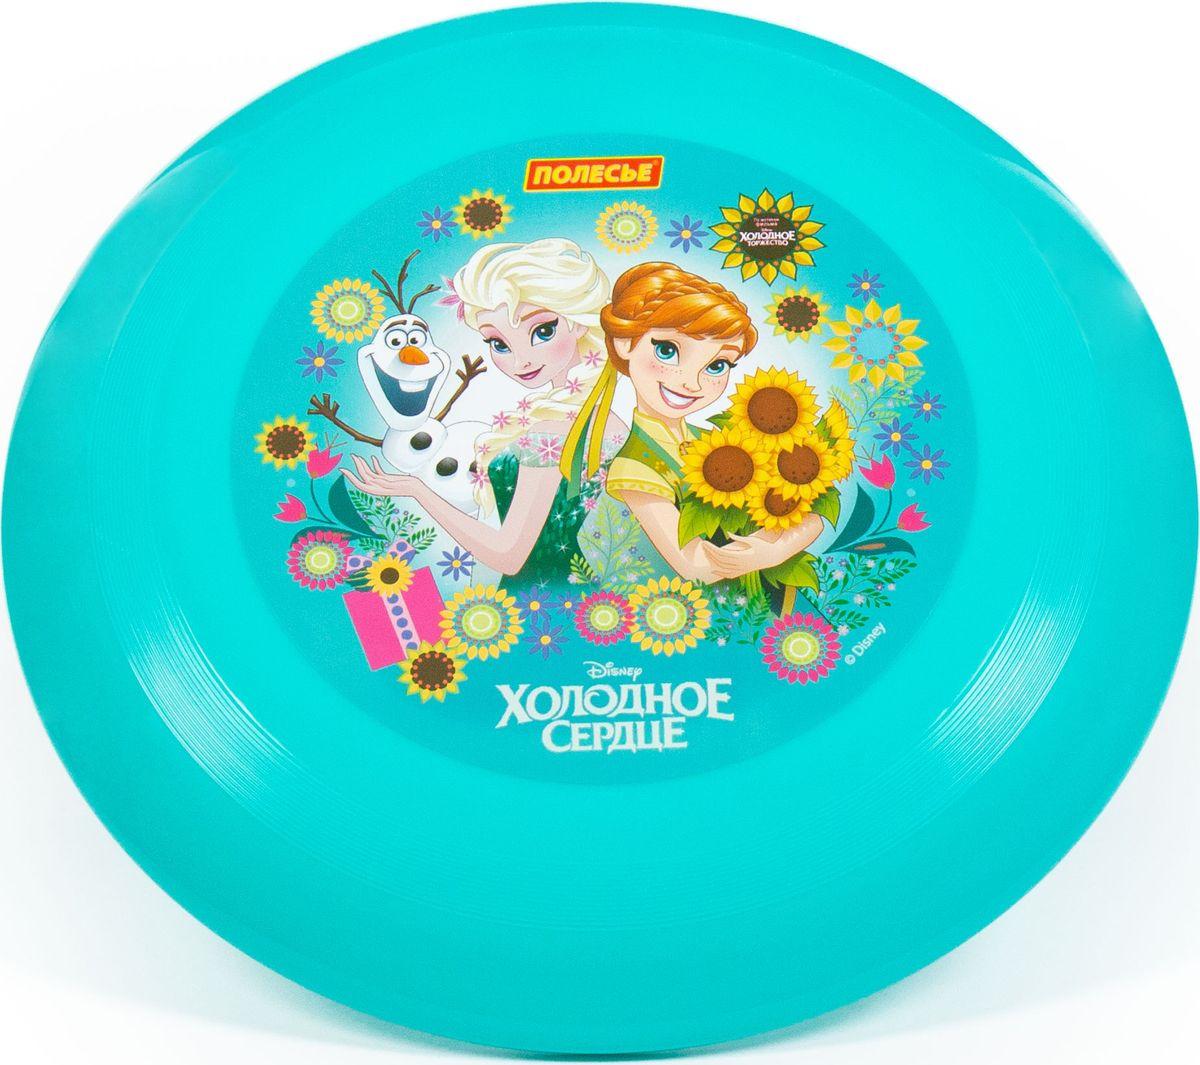 Игровой набор Полесье Летающая тарелка Disney Холодное сердце, 77806